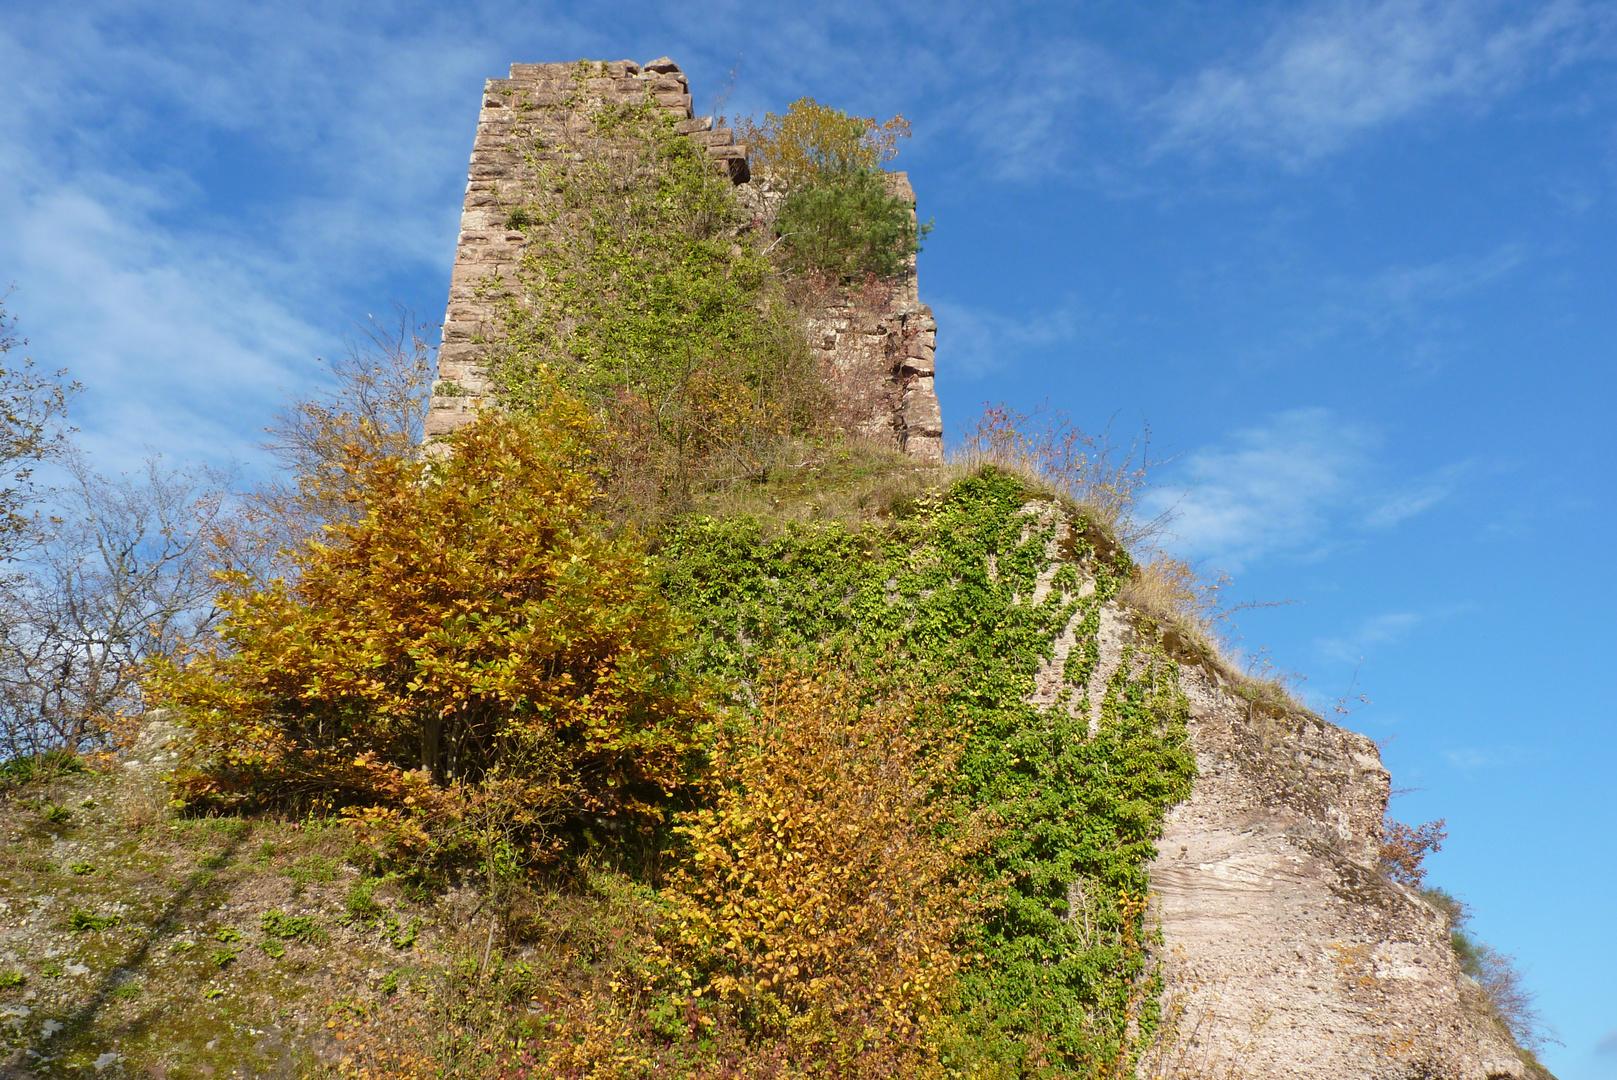 La tour-donjon du château de Pierre-Percée